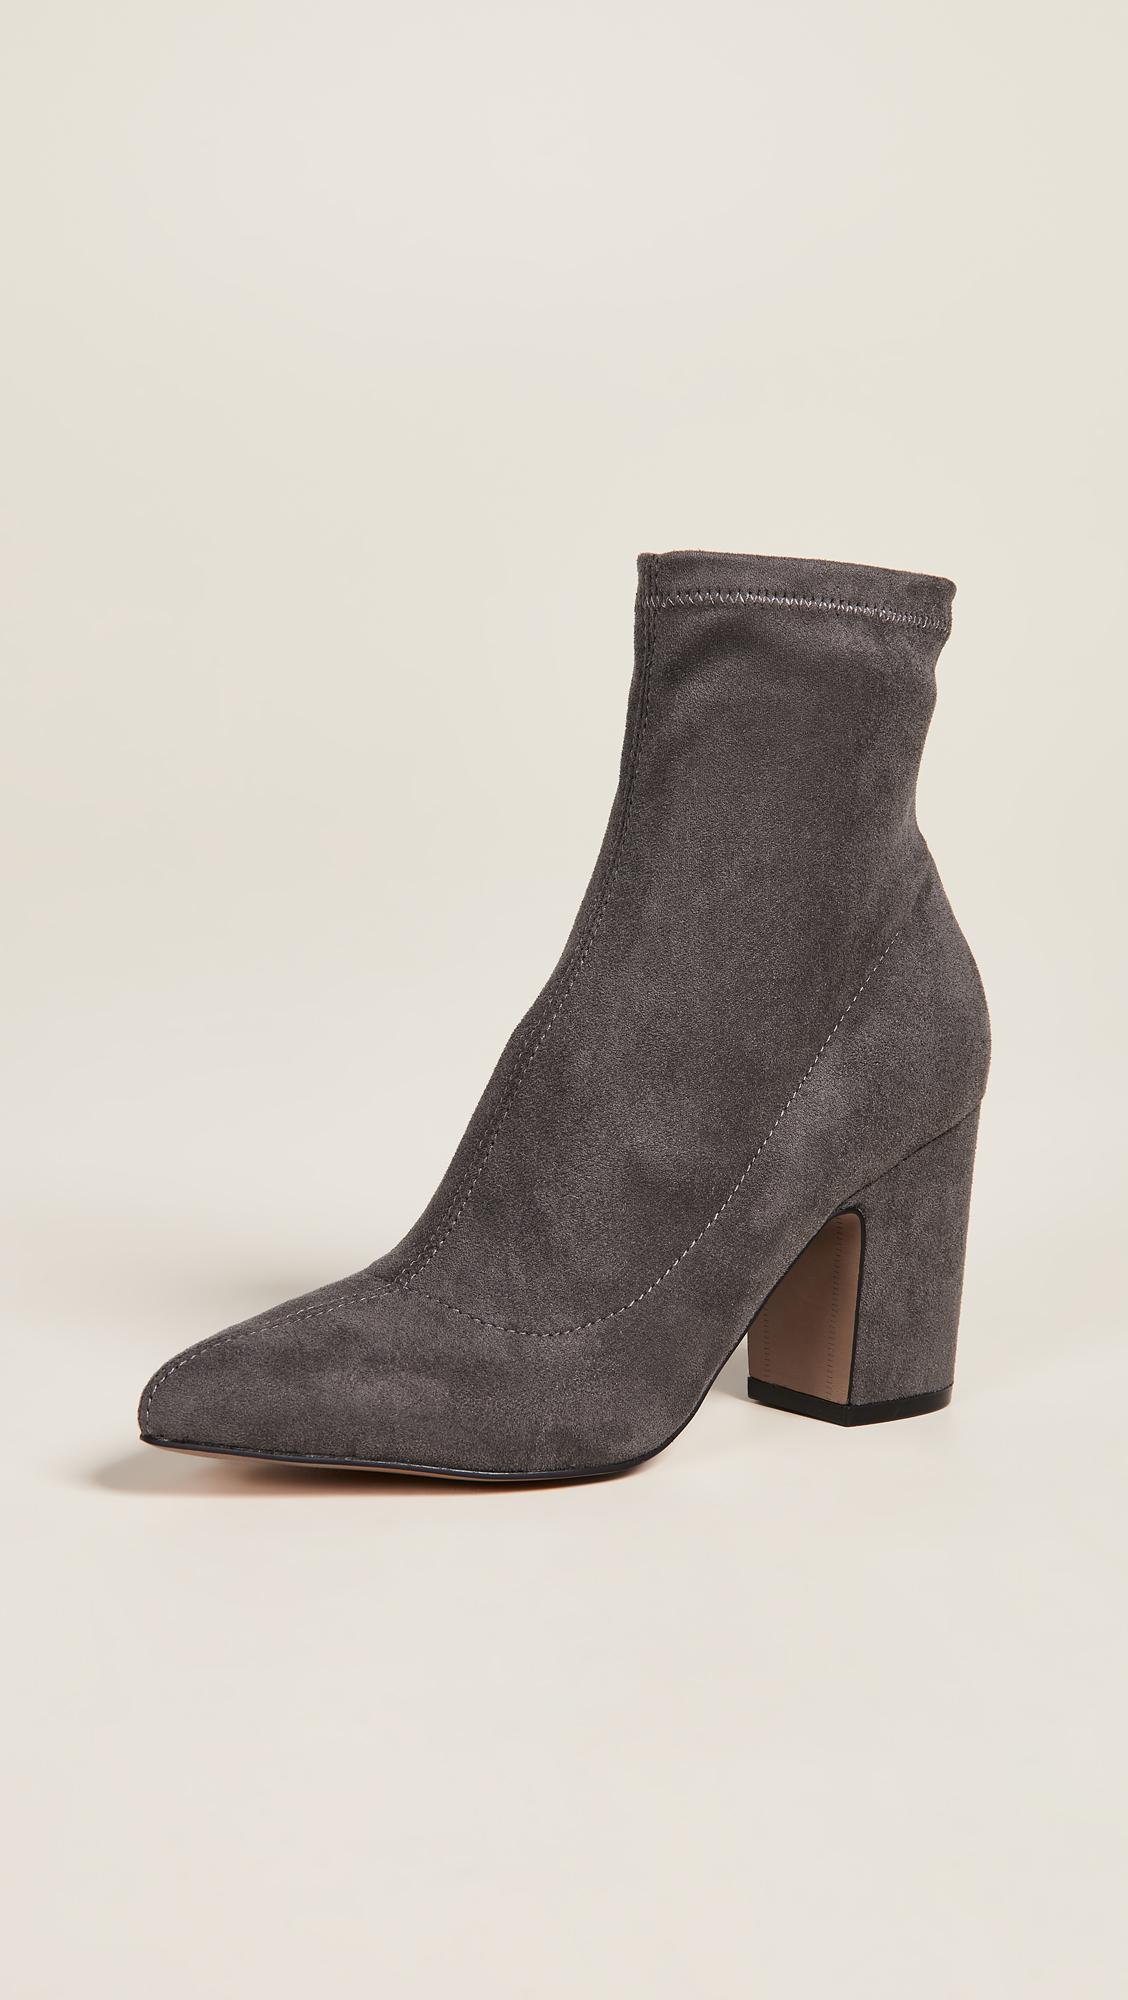 462f5d9660e4 Lyst steven steve madden leandra block heel ankle booties in gray jpg  1128x2000 Steve madden chunky